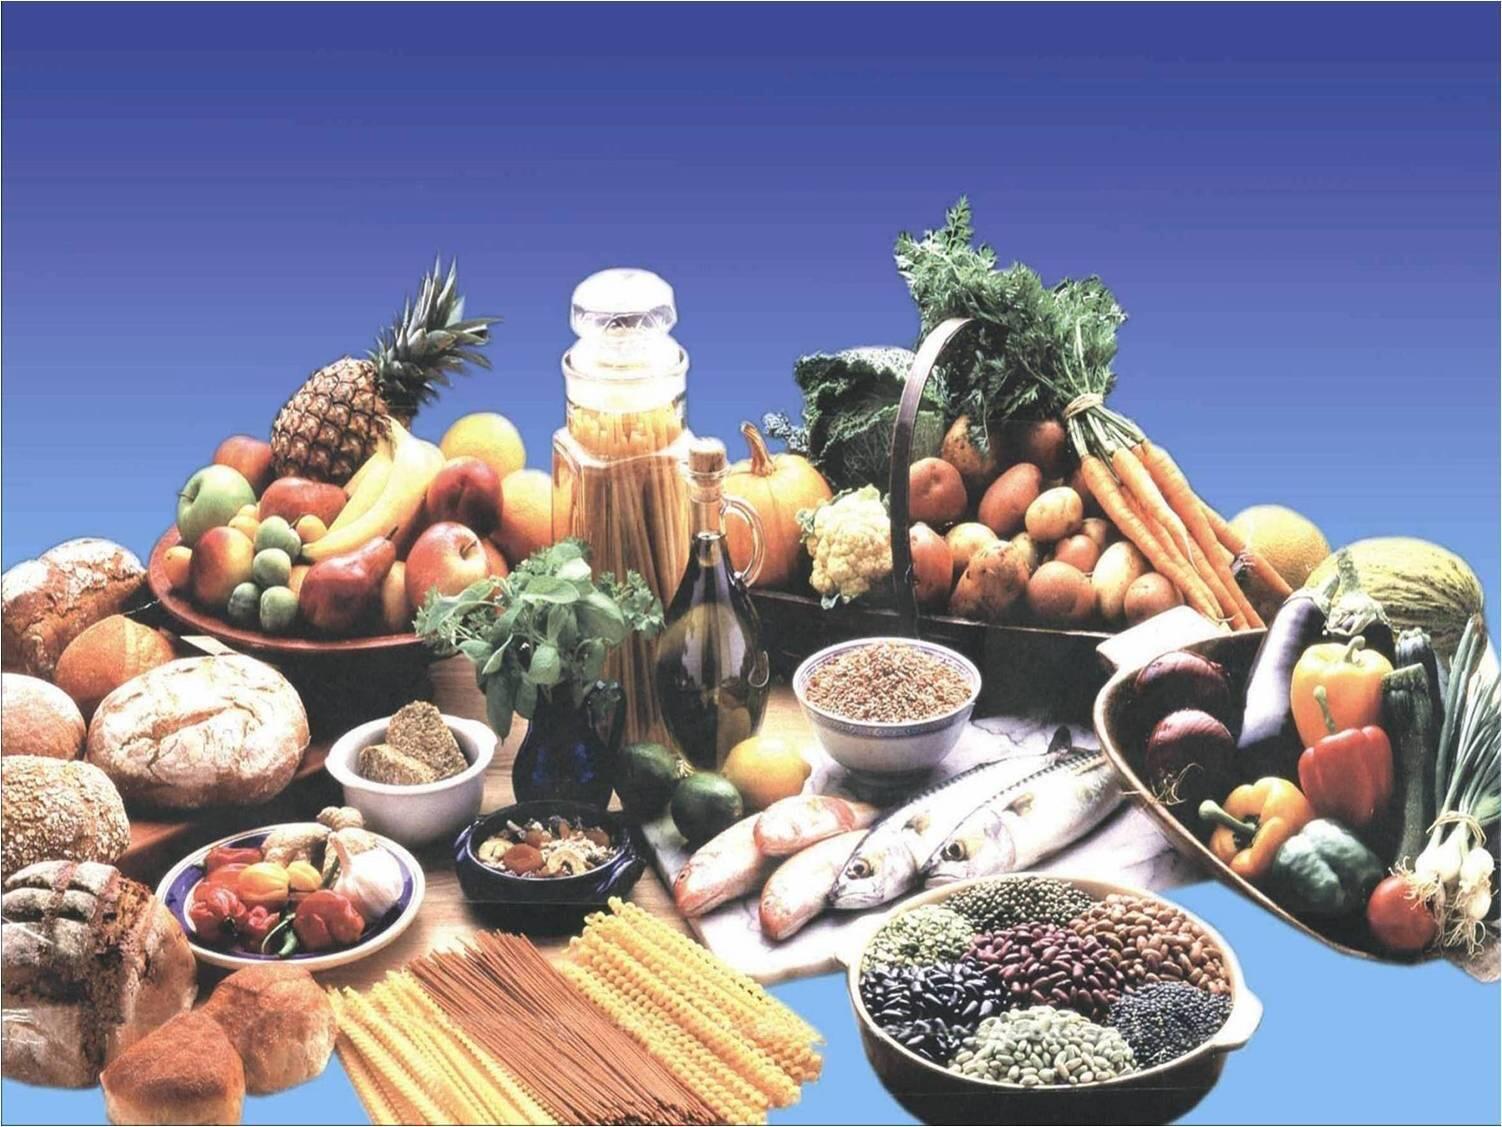 تناول الفاكهة كثيراً قد يخفف بشكل كبير من خطر الأمراض القلبية وضغط الدم والسمنة وأمراض القلب وبعض أنواع السرطانات